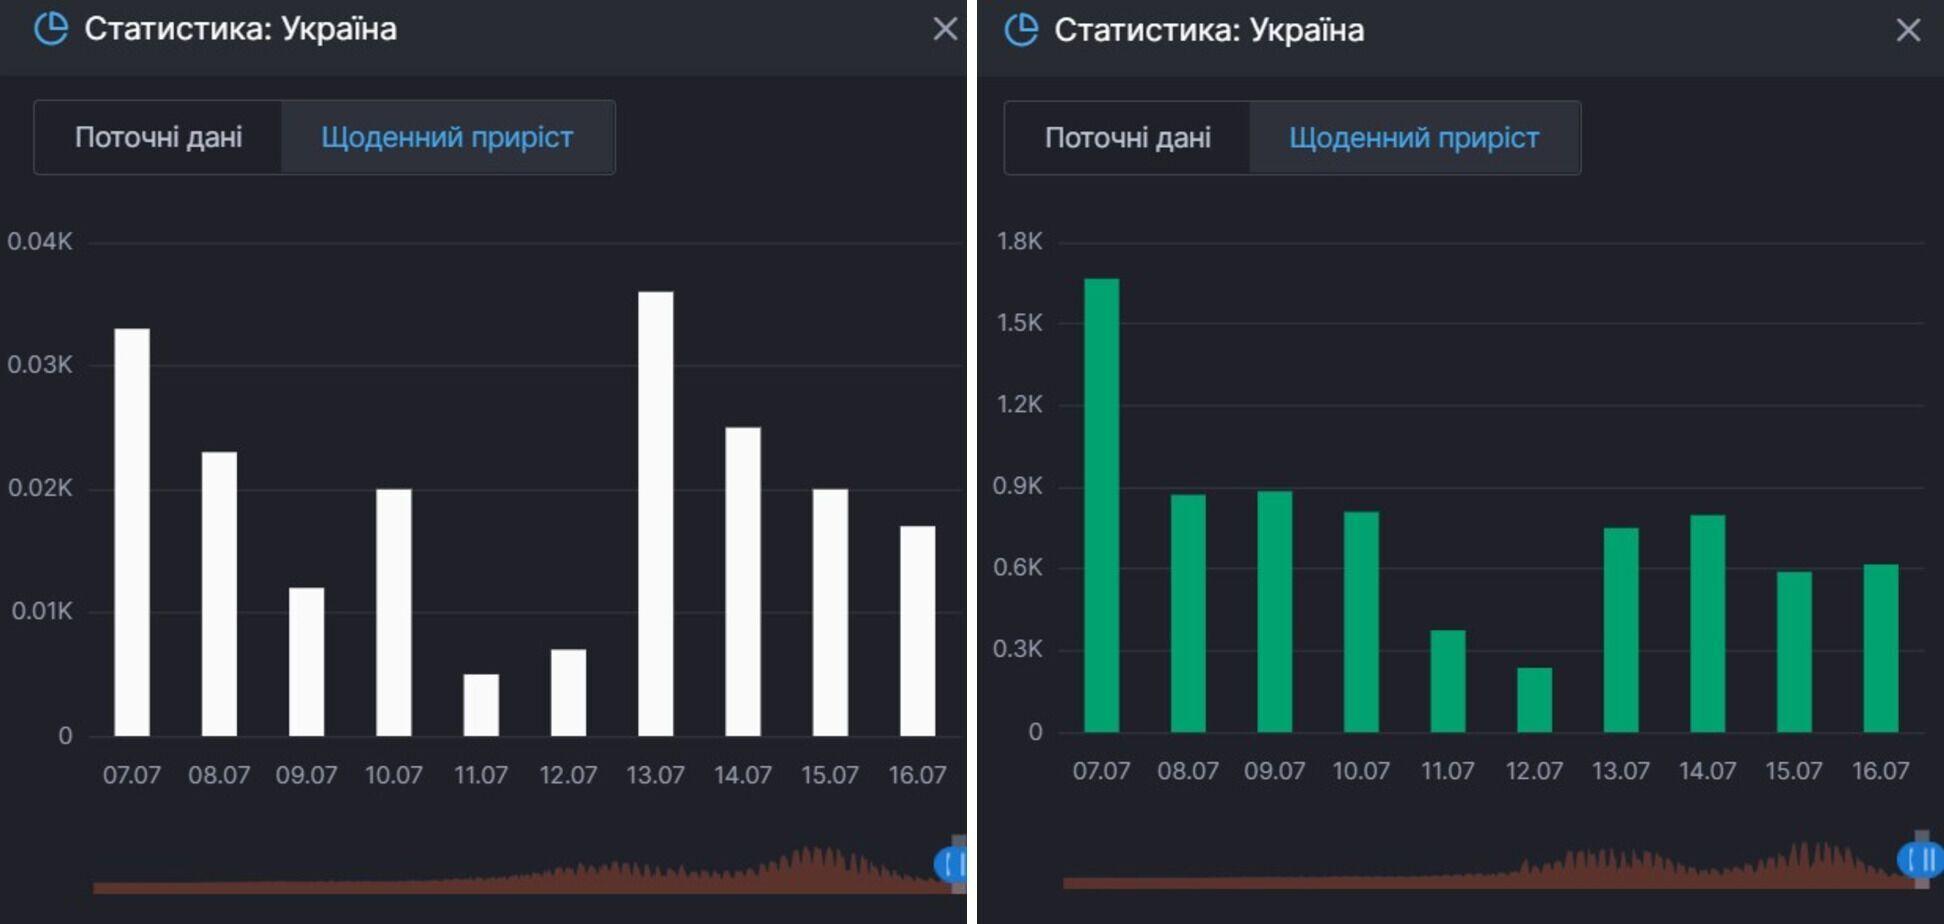 Приріст смертей і одужань від COVID-19 в Україні